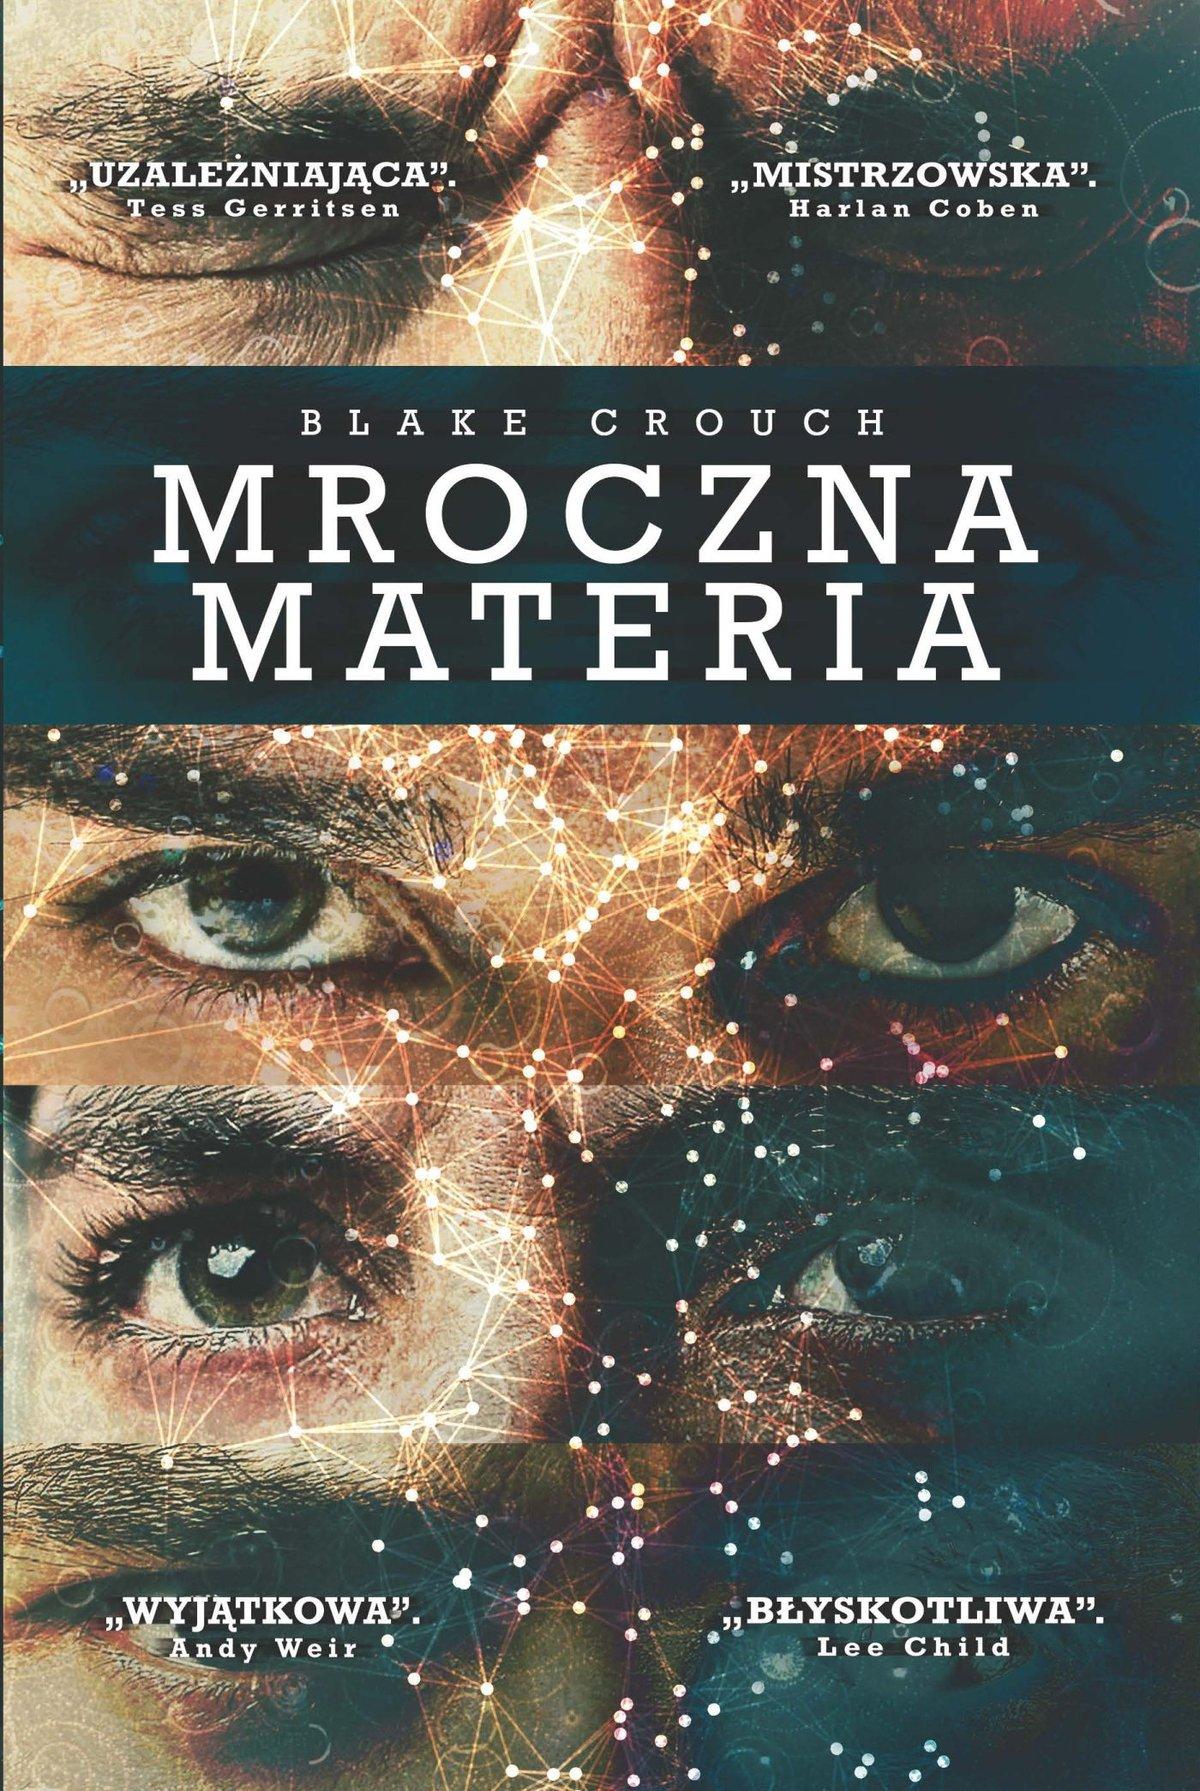 Mroczna materia - Ebook (Książka EPUB) do pobrania w formacie EPUB